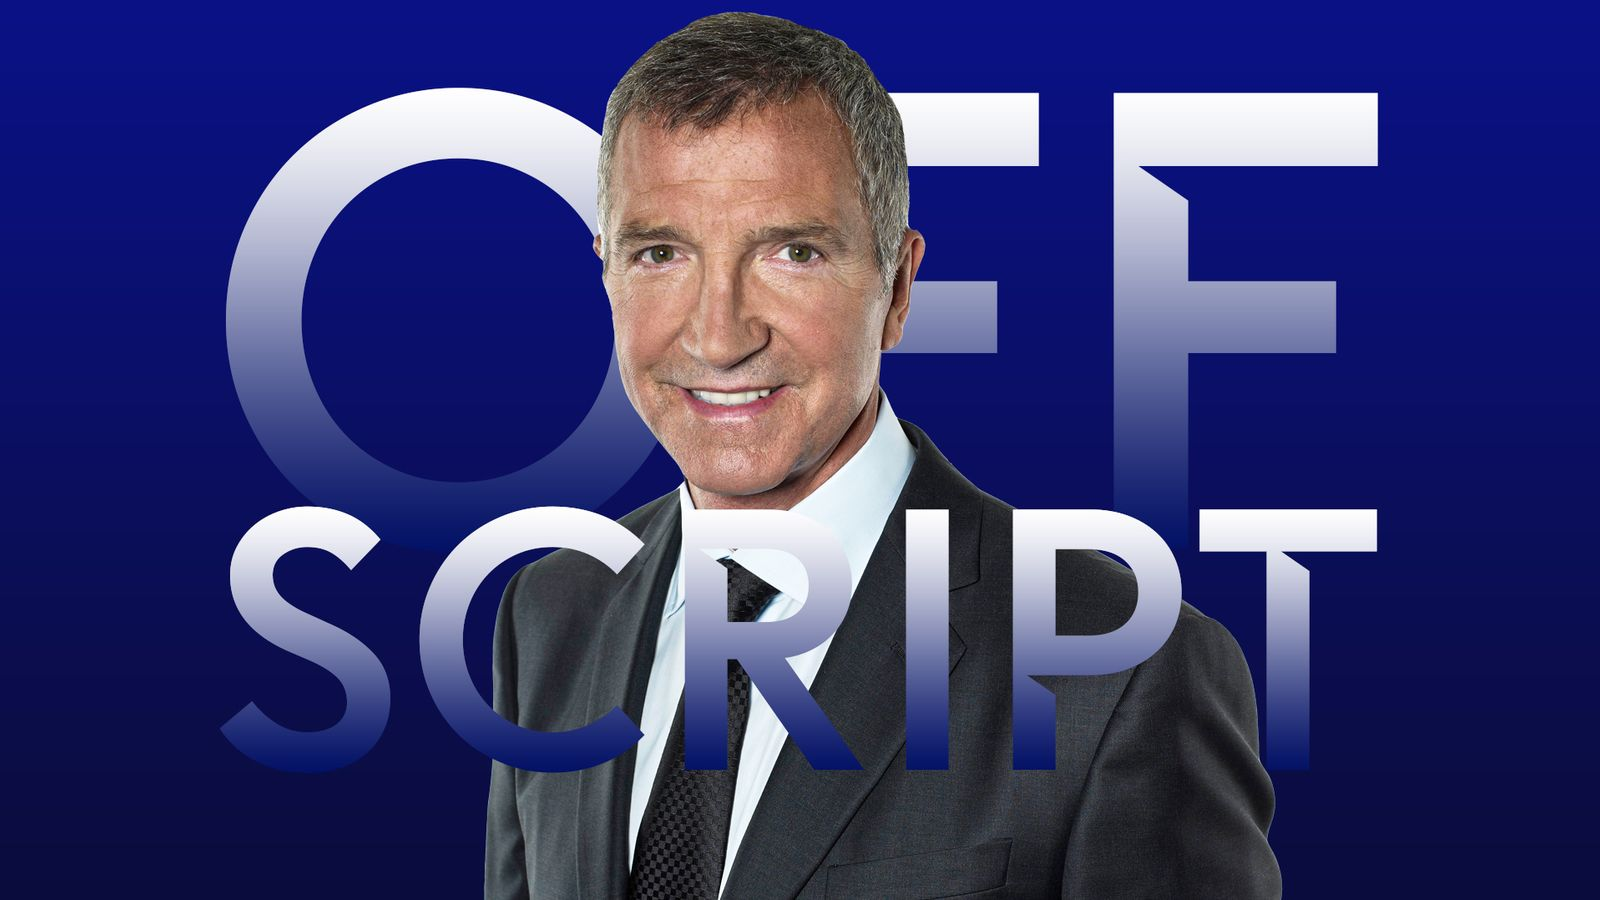 Off Script: Graeme Souness sobre cómo el fútbol puede cambiar para mejor | Noticias de futbol 7